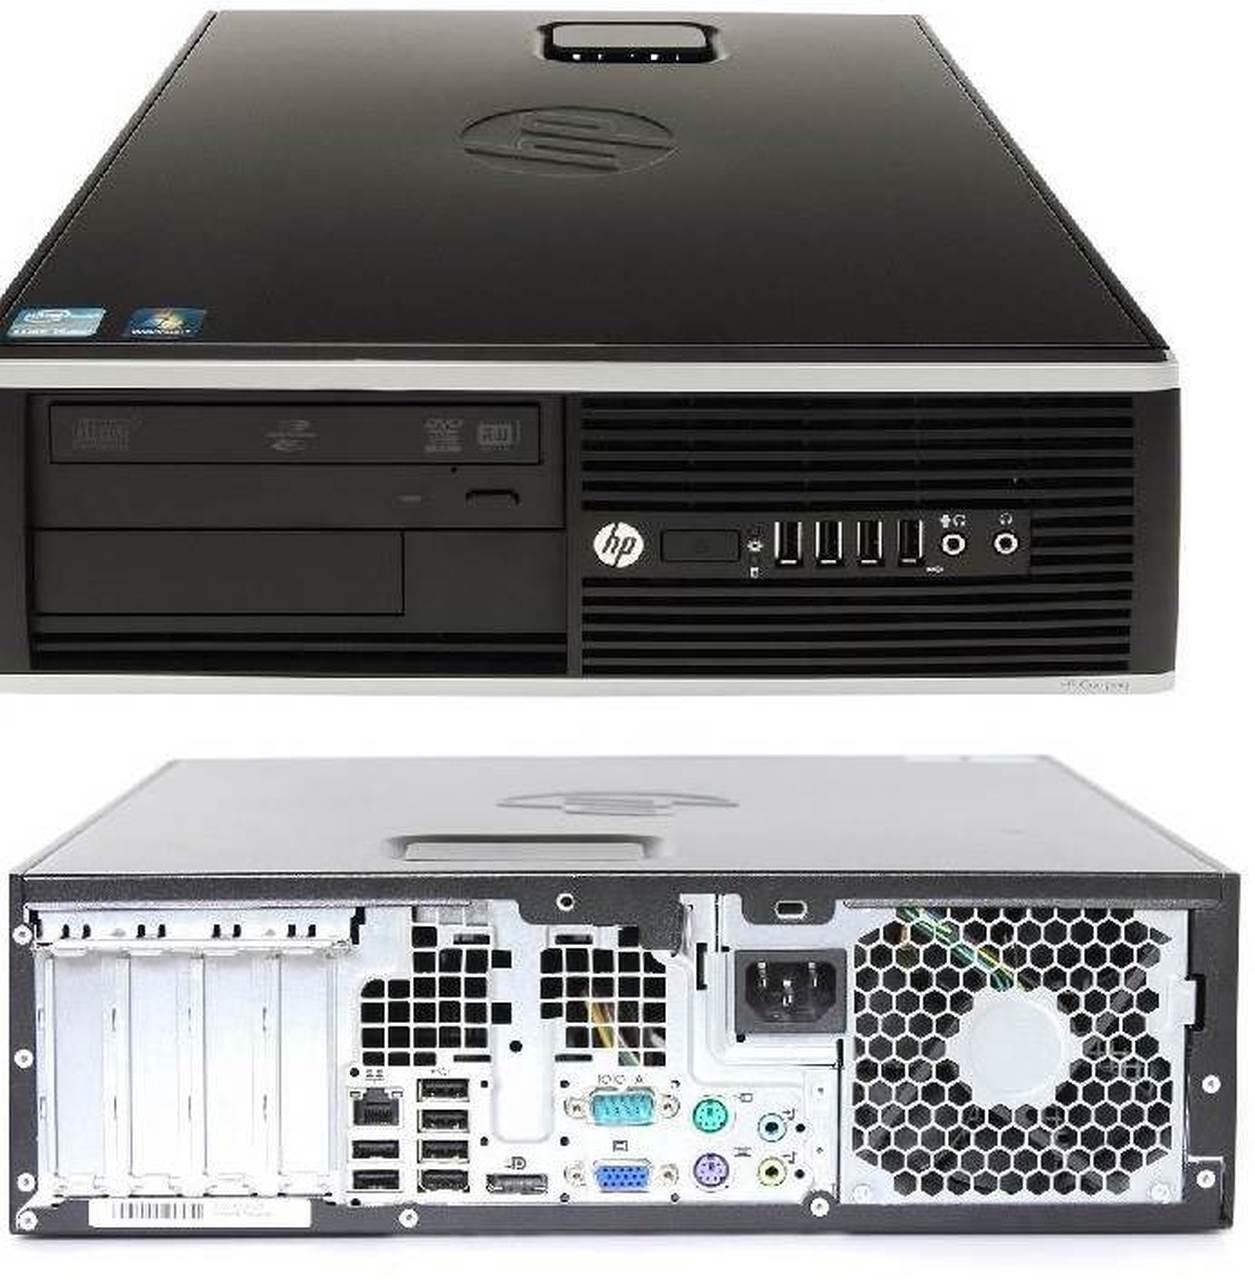 CPU HP Compaq Elite 4300